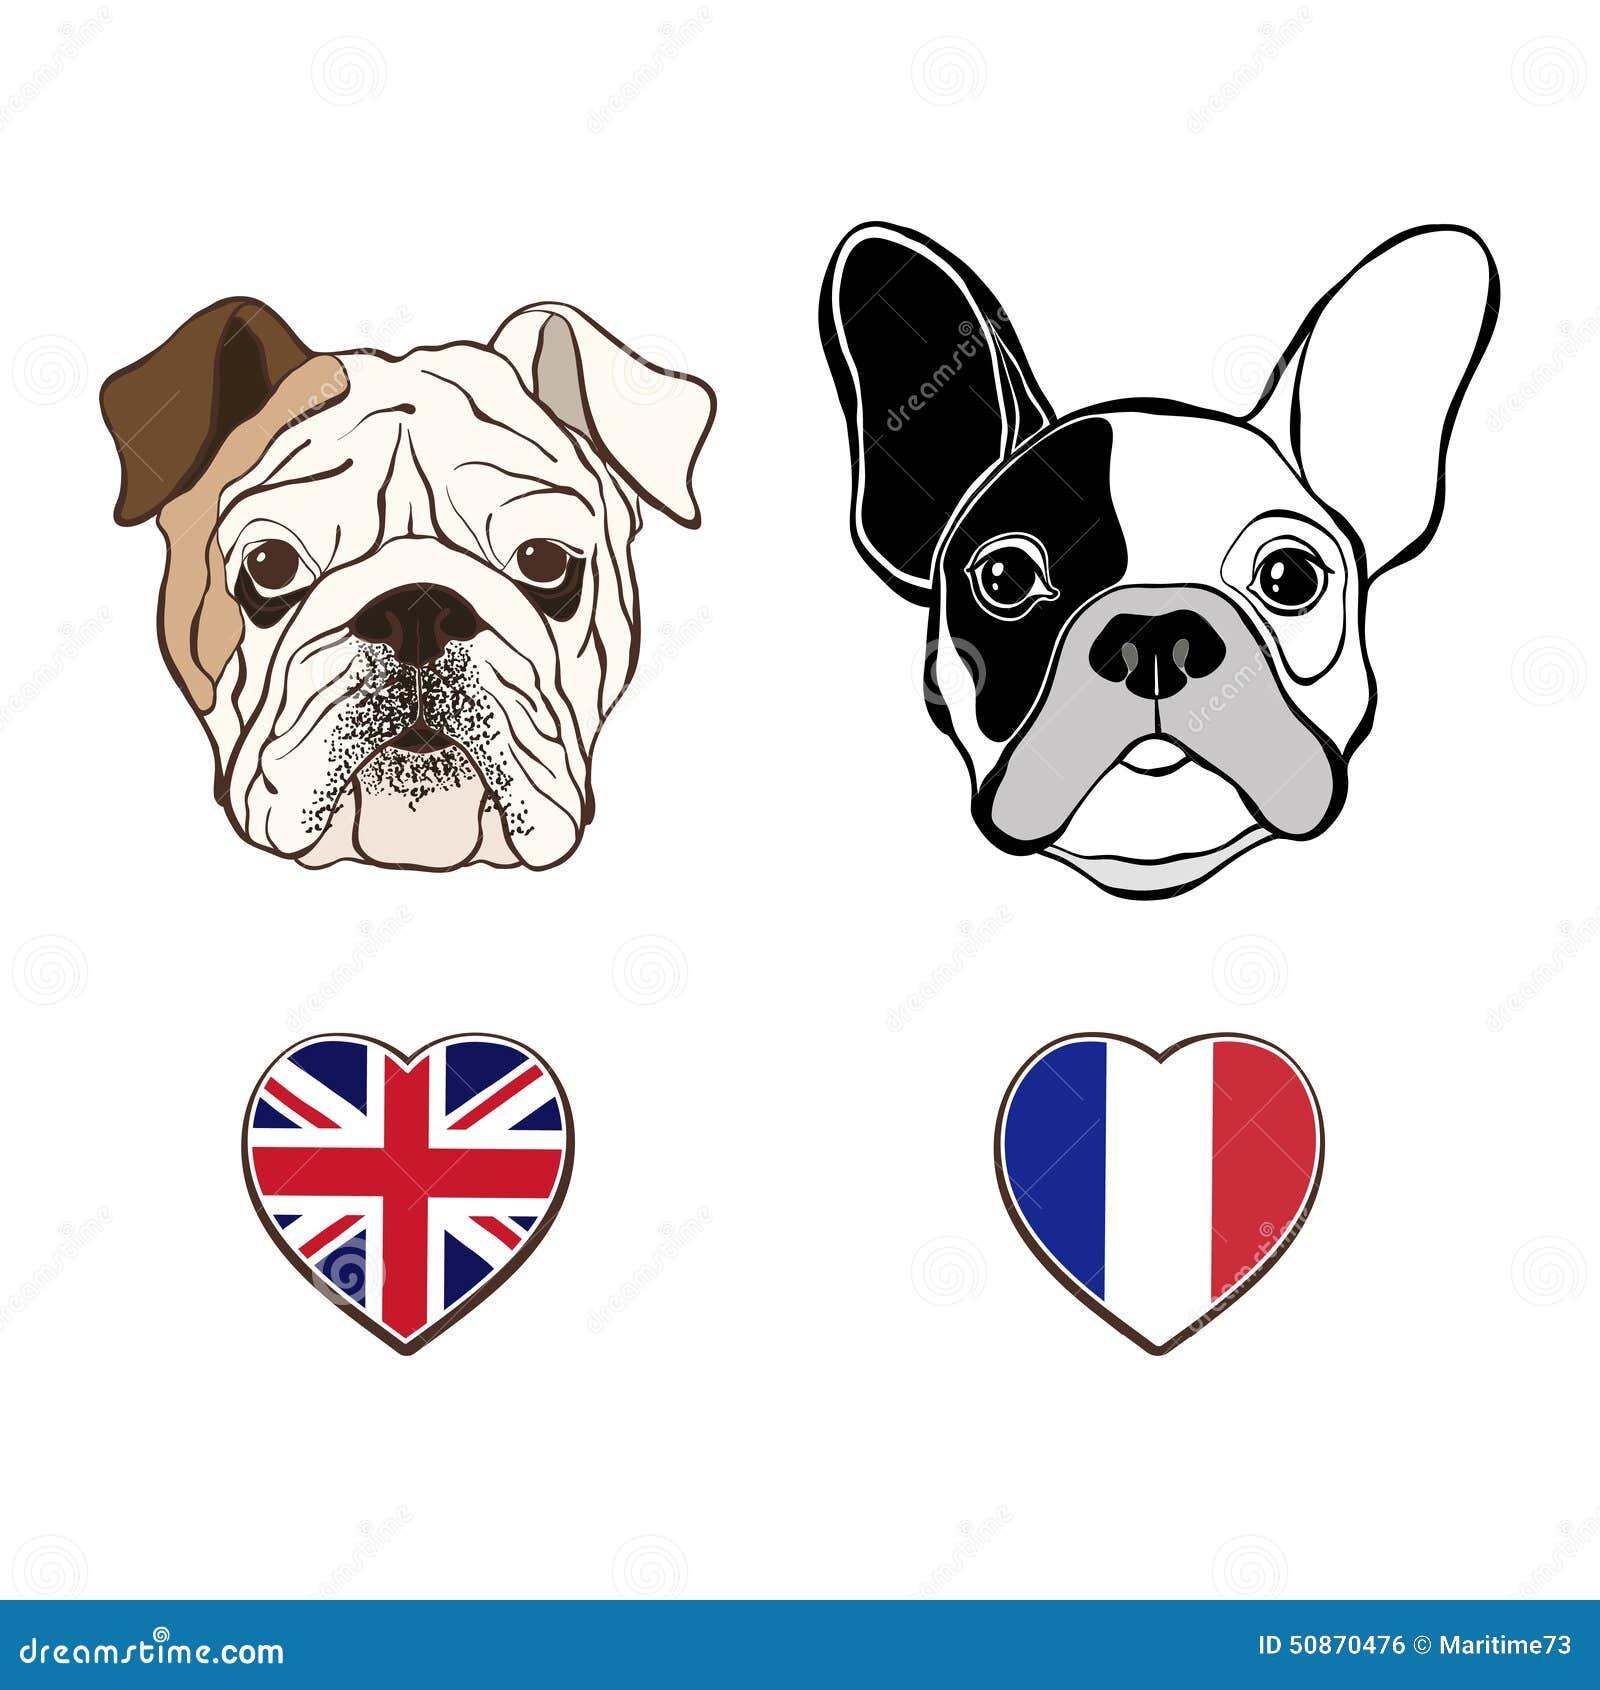 French bulldog cartoon face